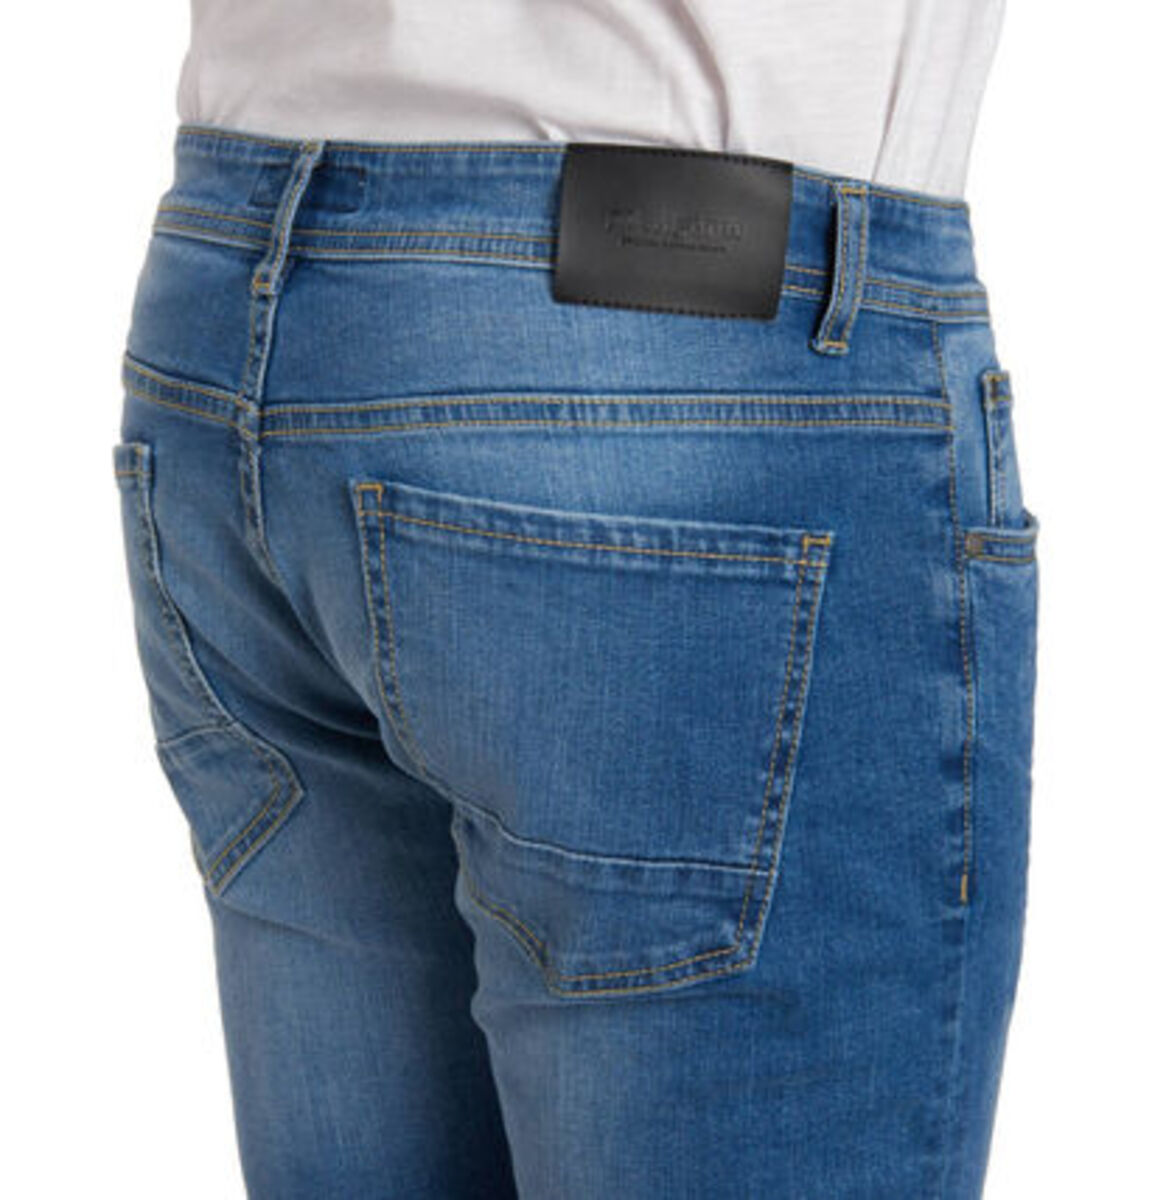 Bild 4 von manguun Herren Jeans, Slim Fit, Baumwolle, Destroyed Denim